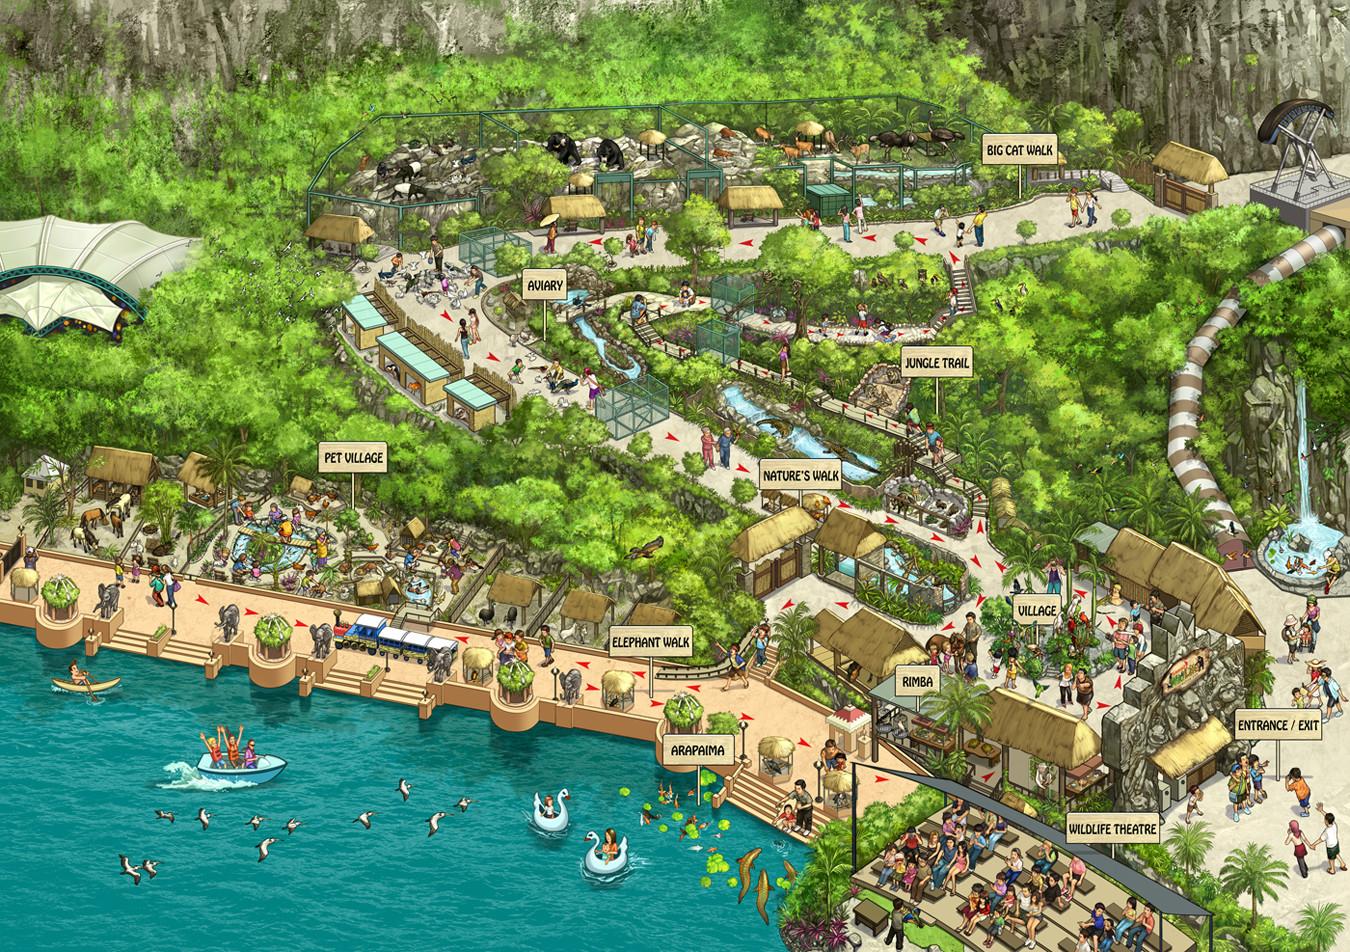 Kinsun loh sunway zoo map